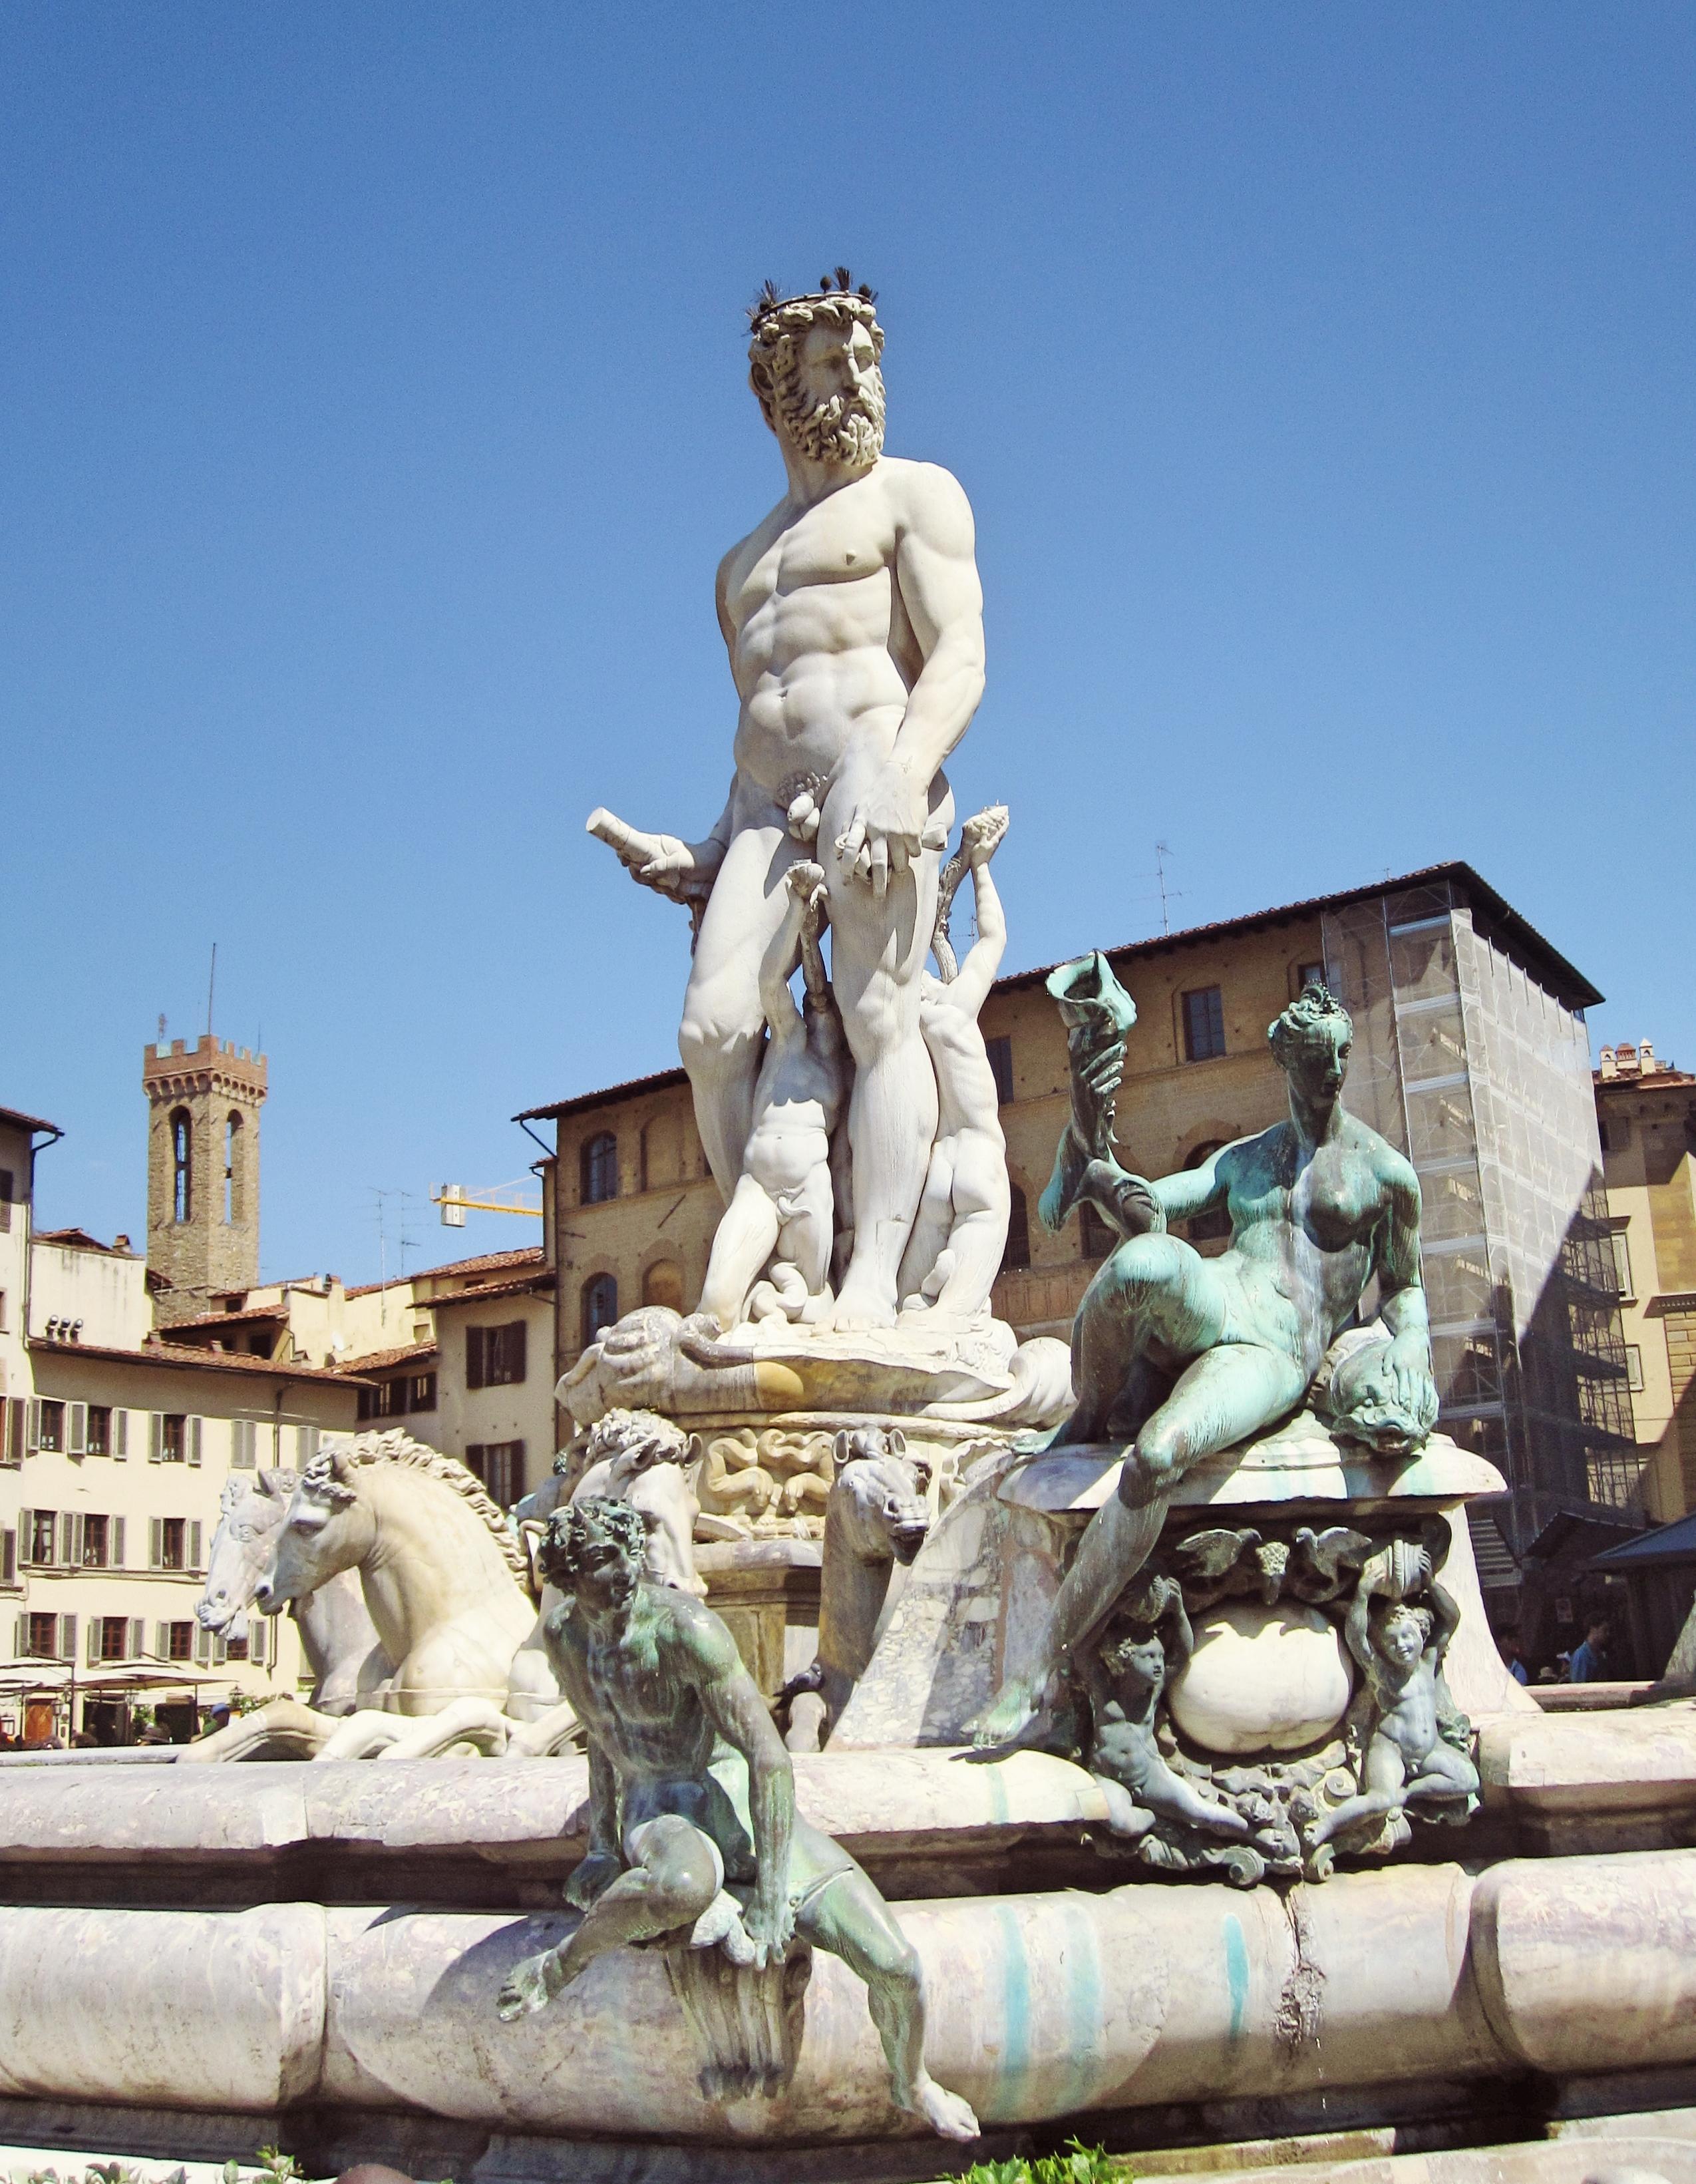 The fountain of Neptune on the Piazza della Signoria